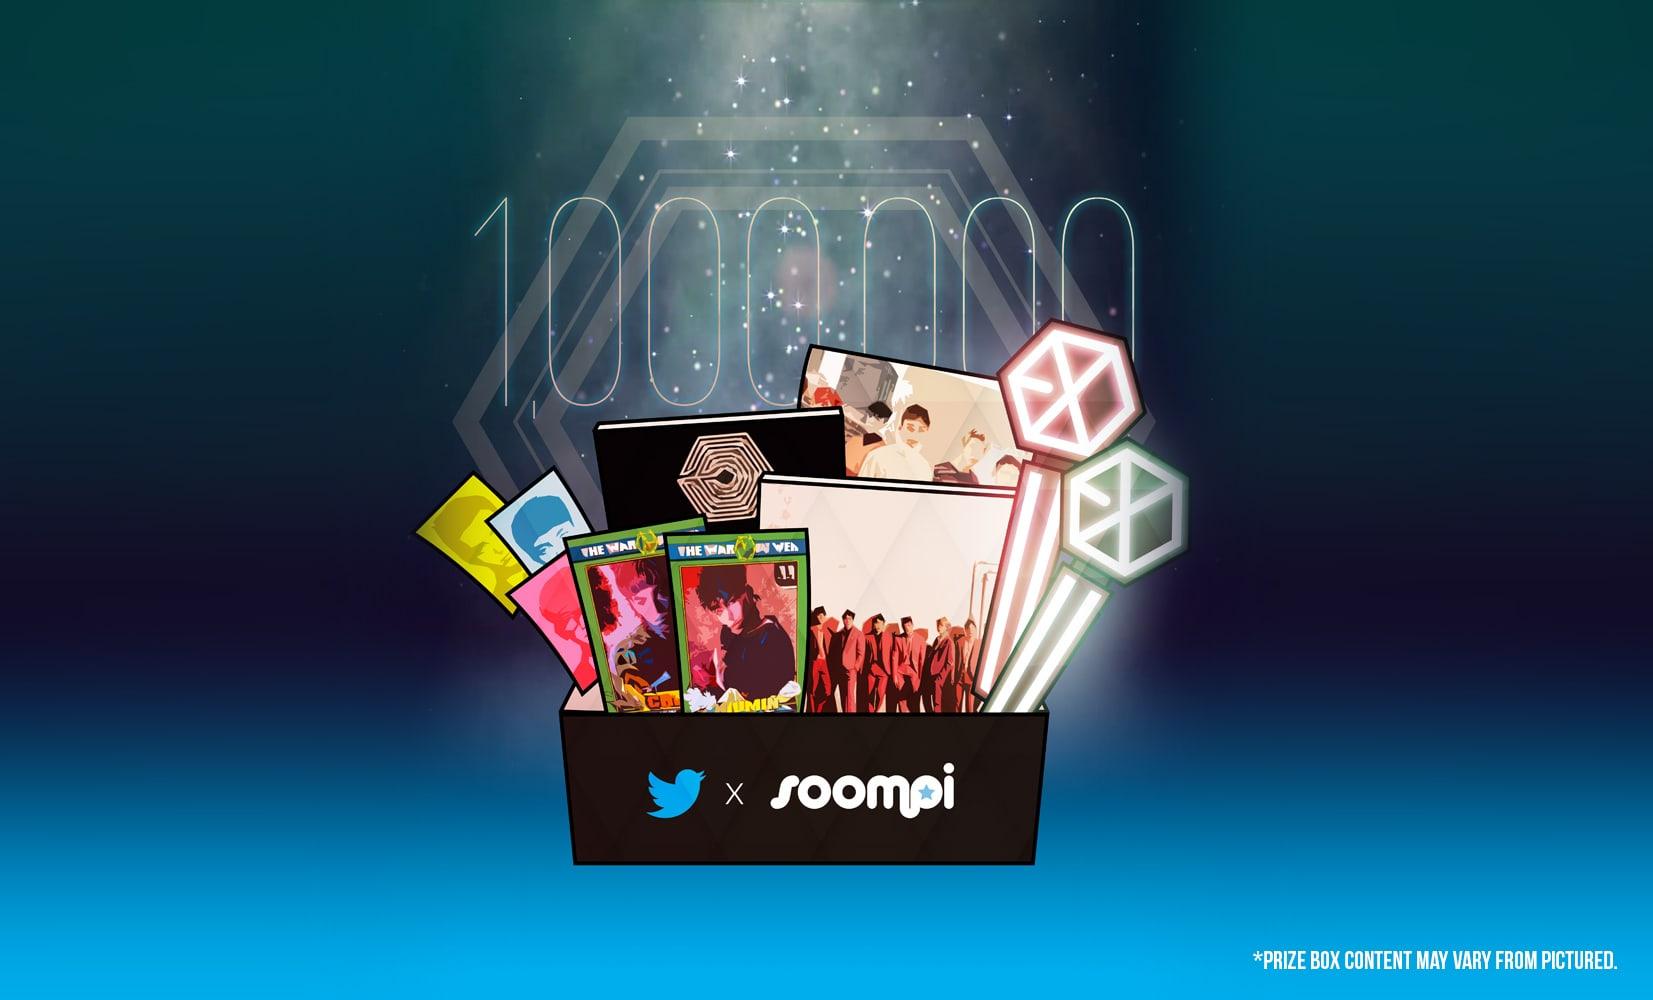 Soompi y Twitter lanzan una competición de fan arts global para celebrar el millón de seguidores de EXO